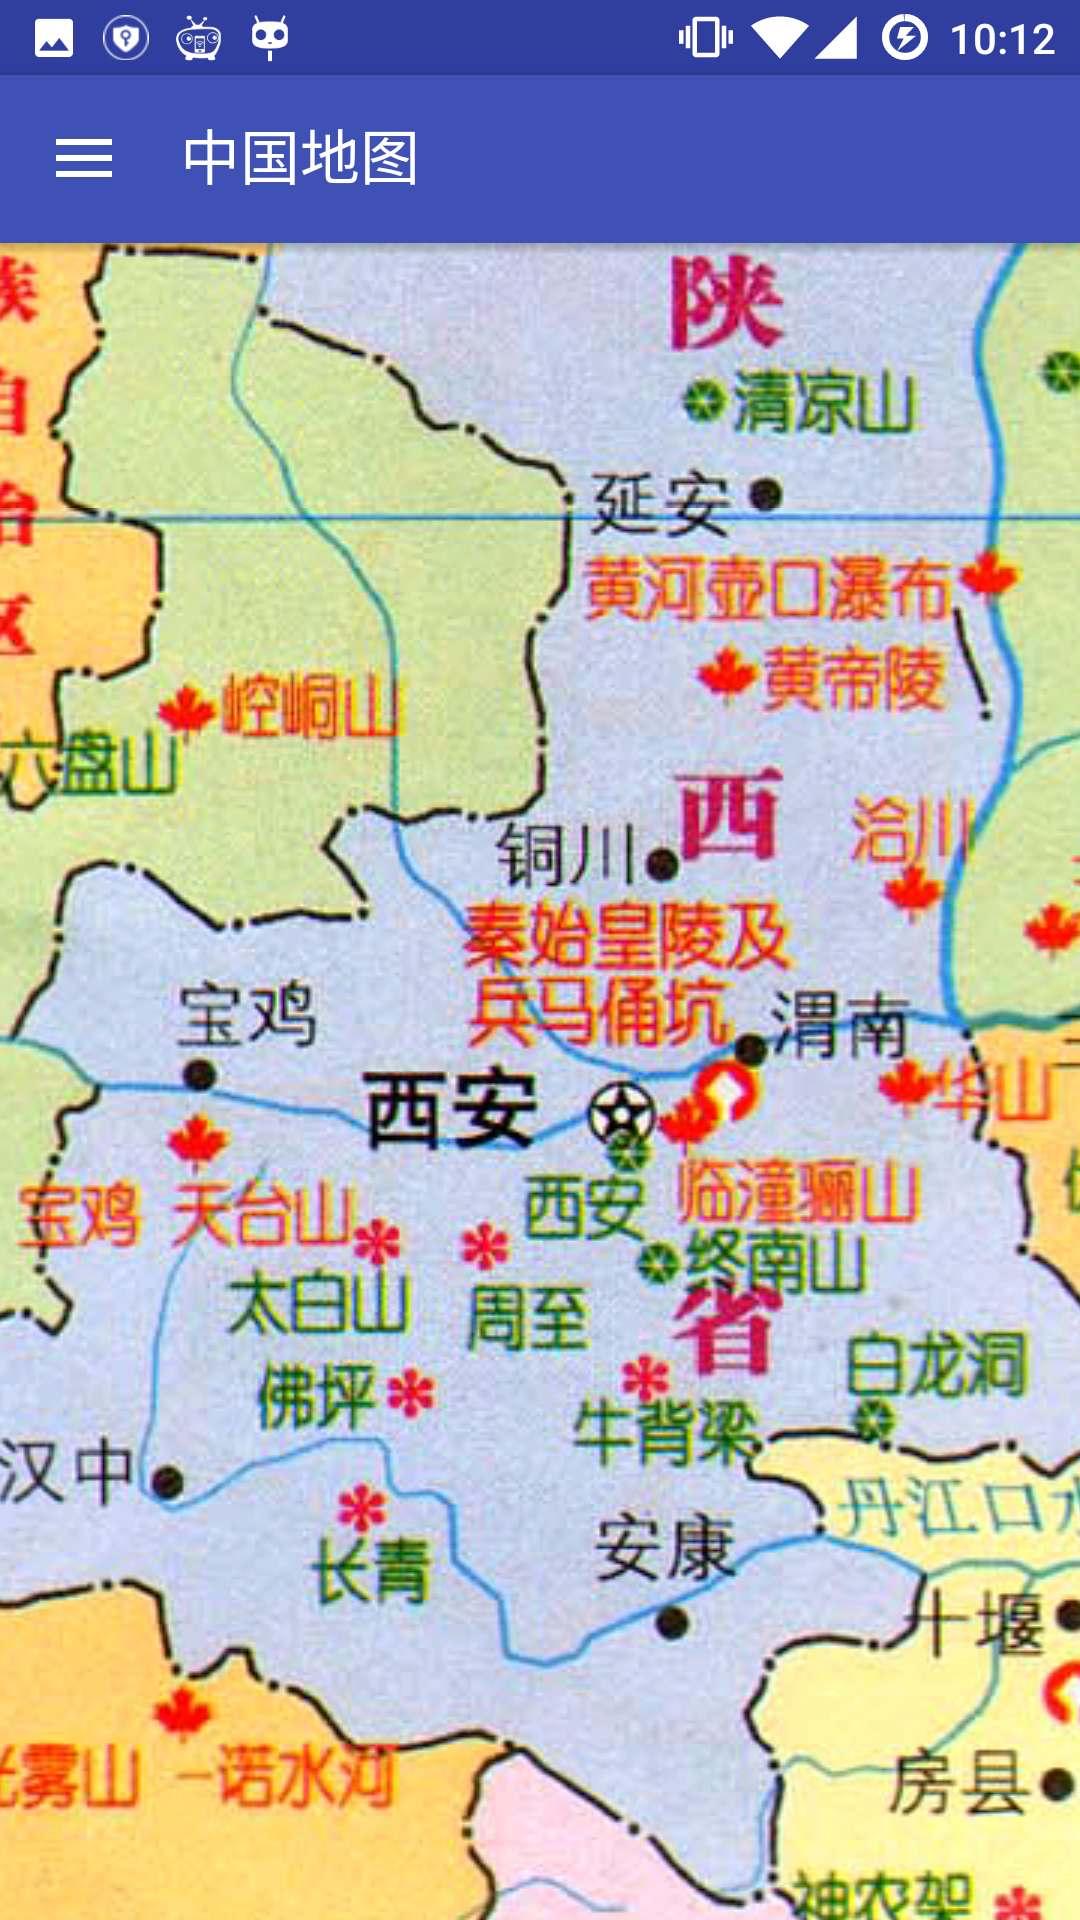 中国地图-交通导航-安卓android手机软件下载-nearme